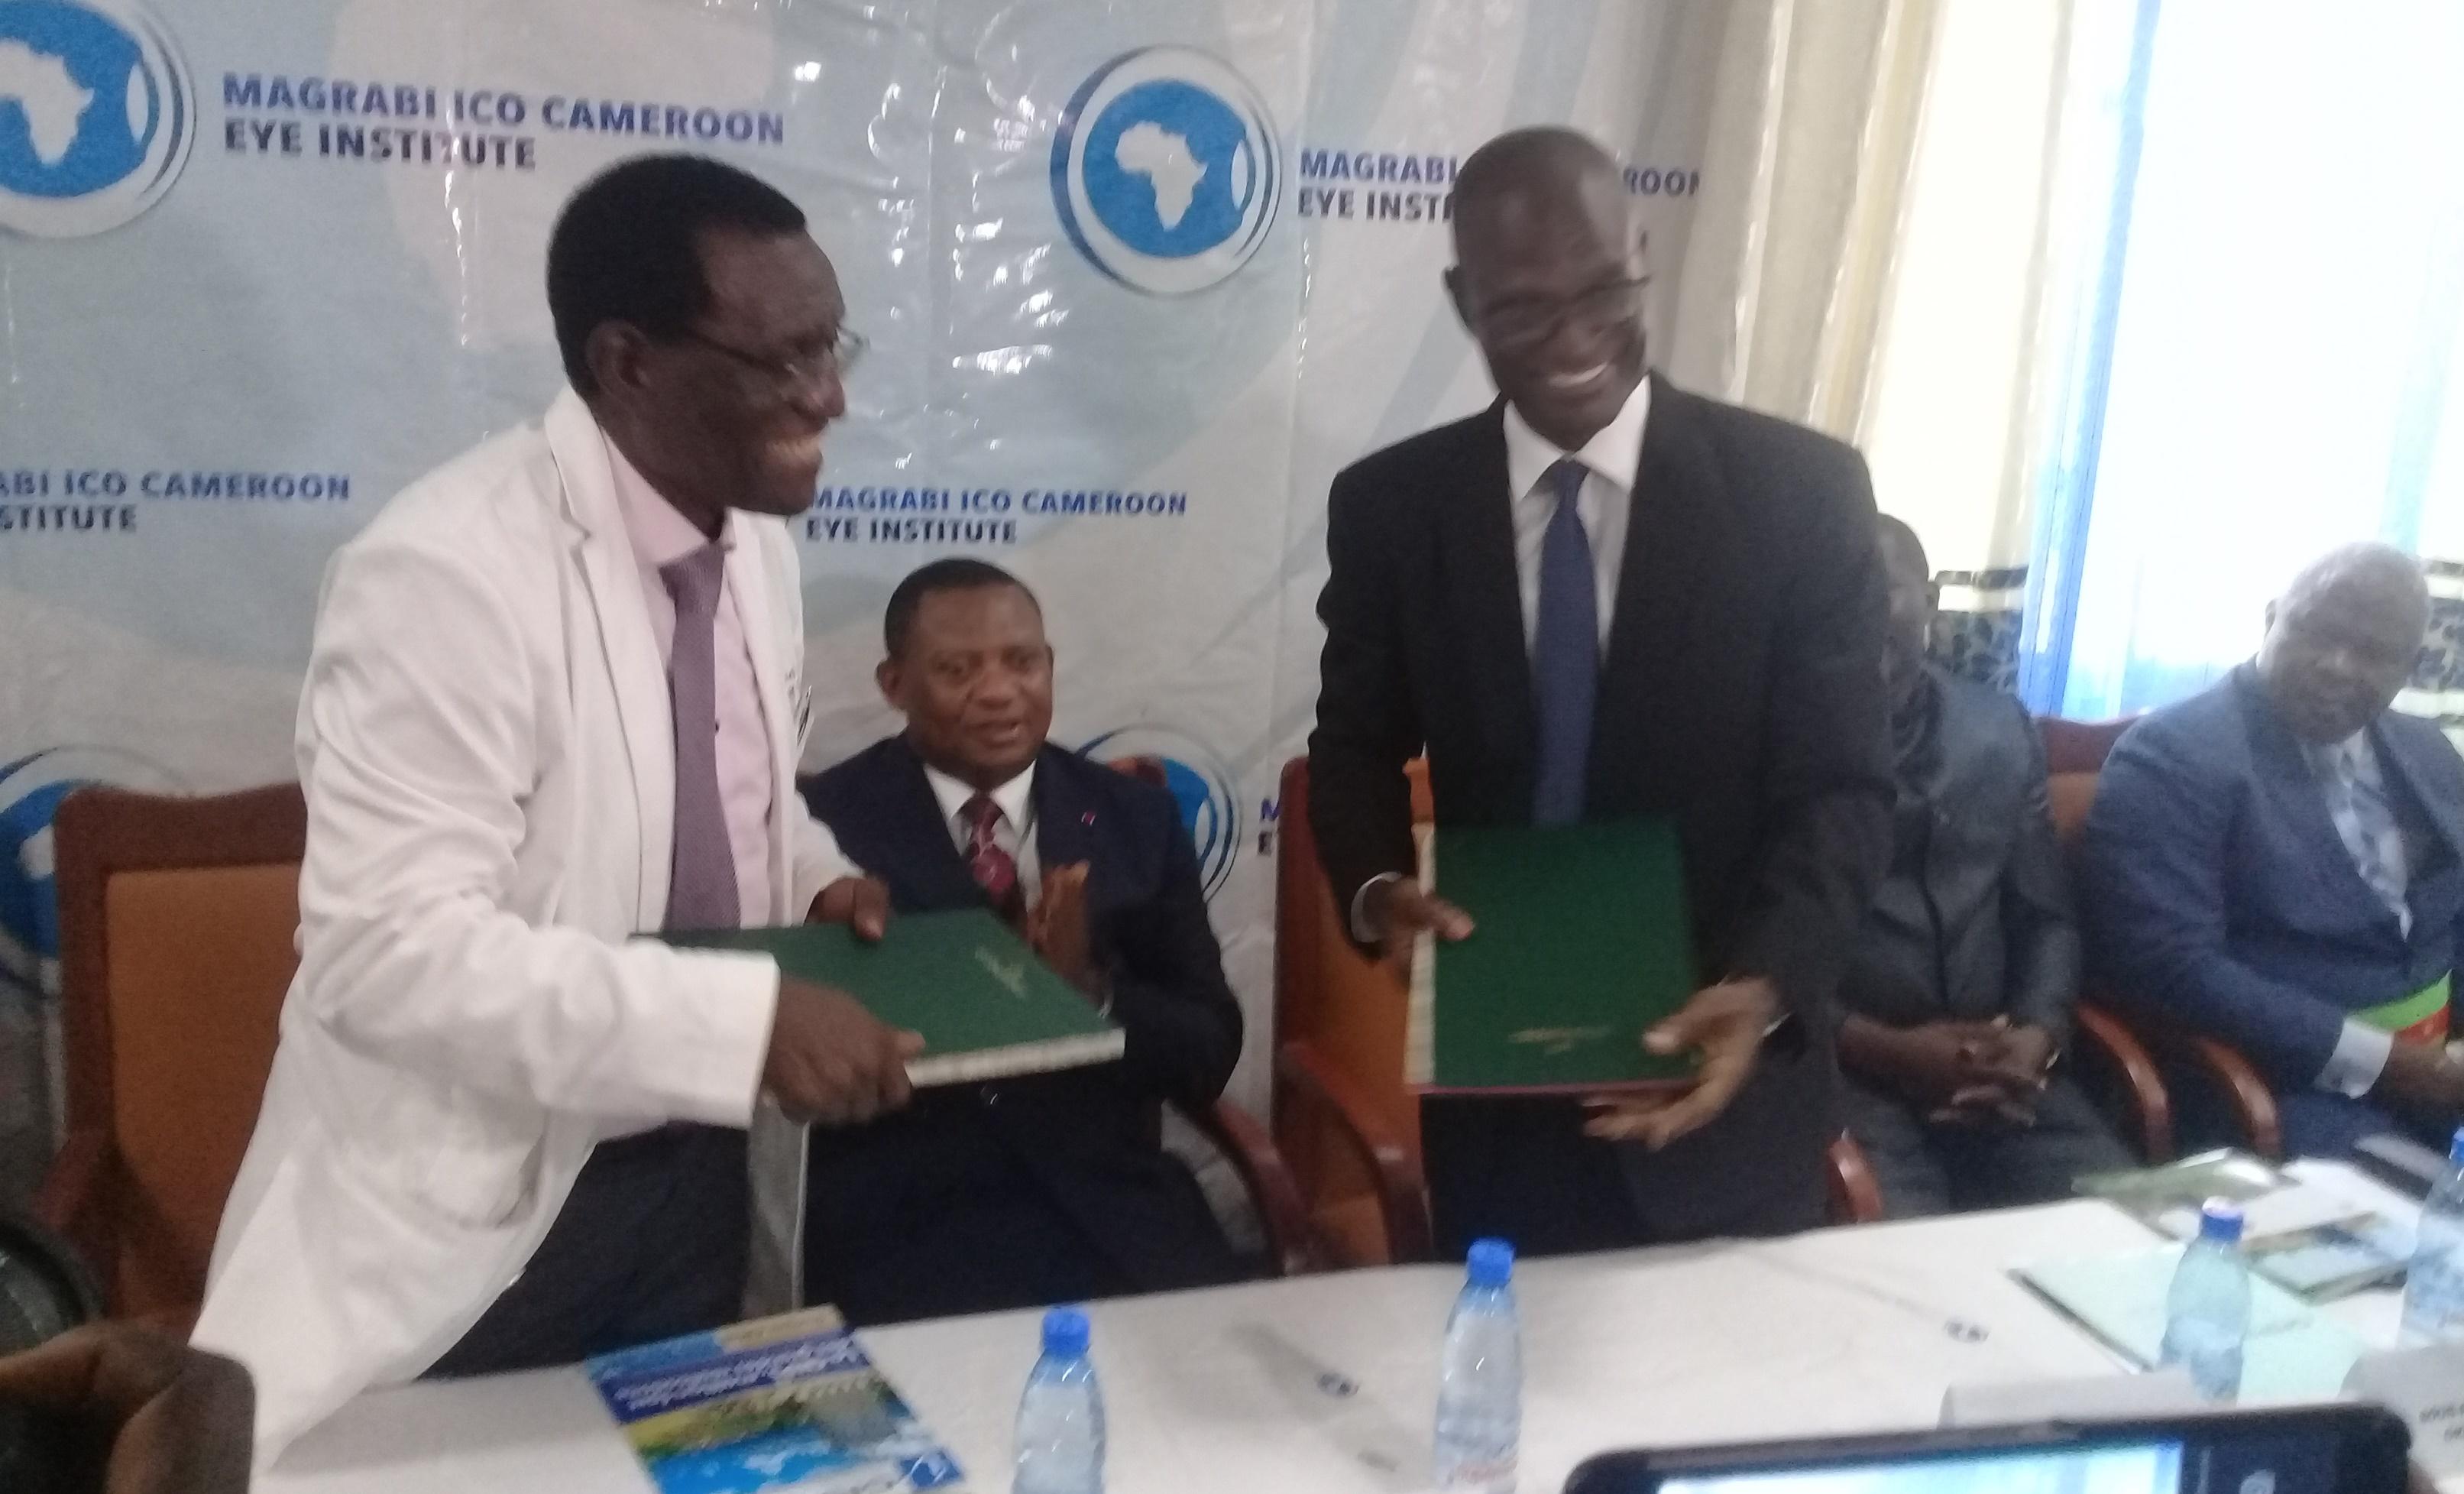 La joie des deux directeurs généraux, le Pr Daniel Etya'ale (à gauche) et Noël Alain Olivier Mekulu Mvondo Akame (à droite), à l'issue de la signature de la convention.